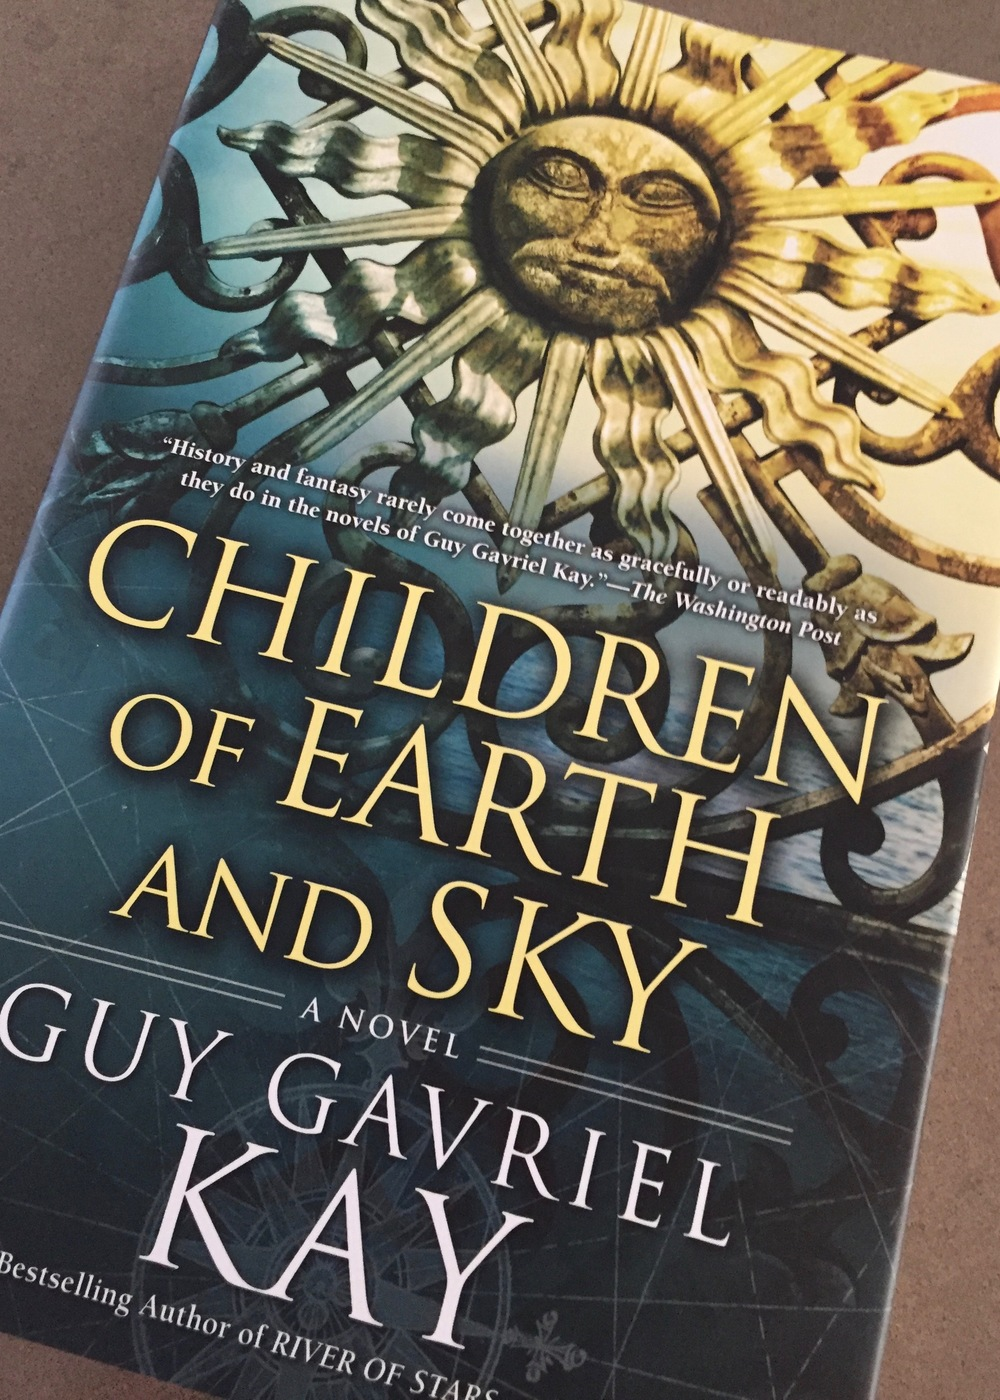 A new Guy Kay novel!